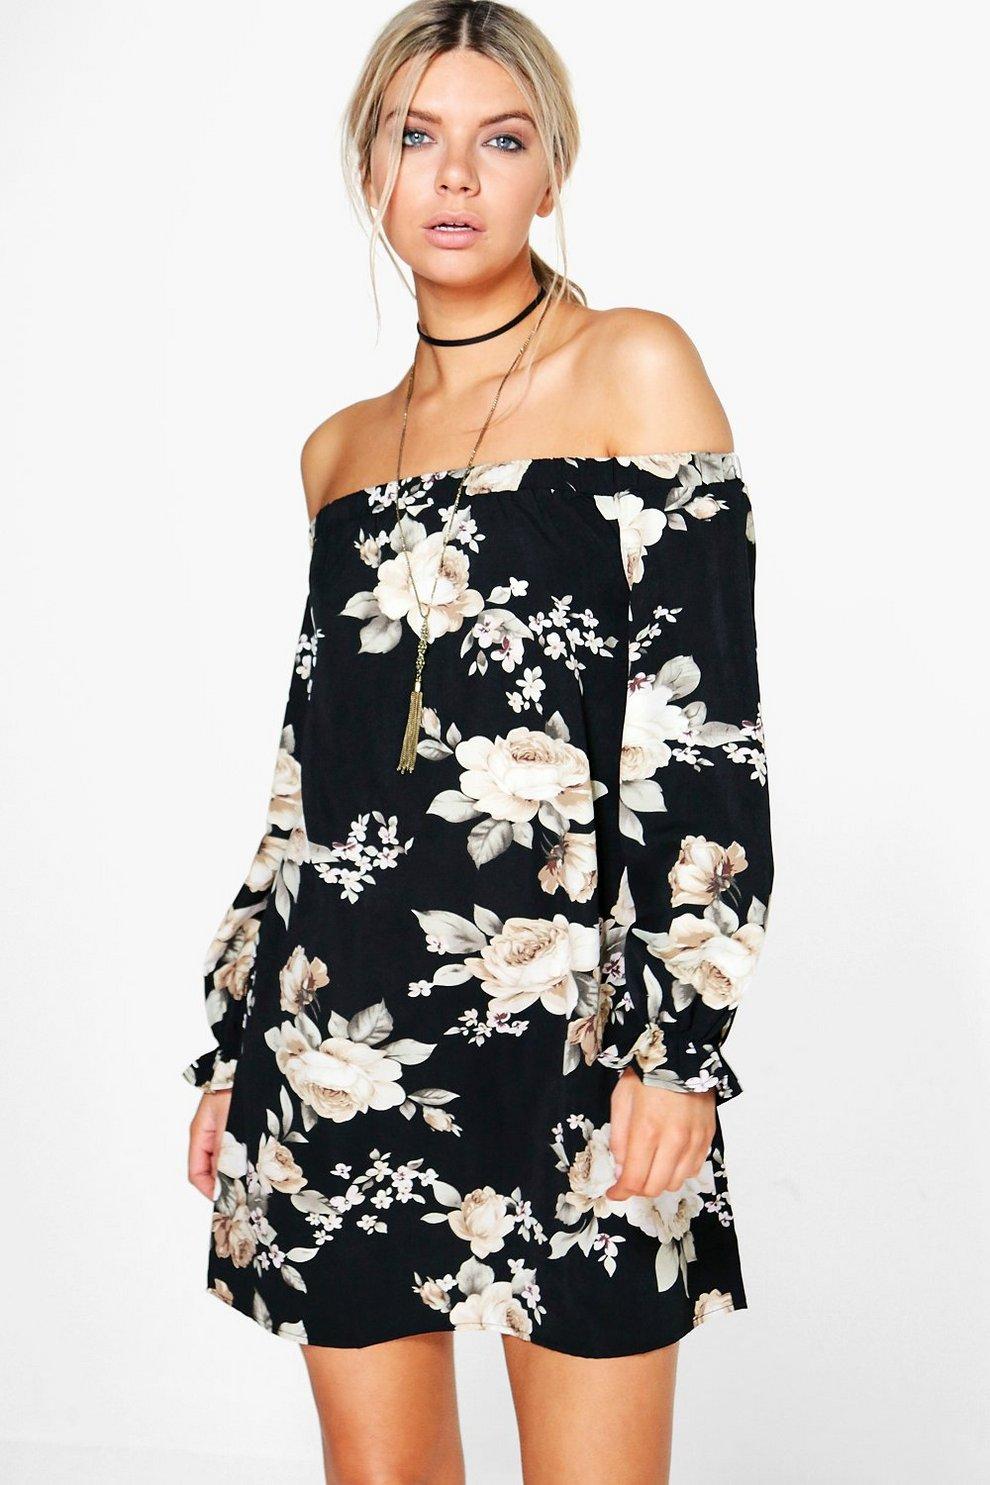 Boohoo Off One Shoulder Floral Shift Dress Outlet Fast Delivery s8RbNA8C